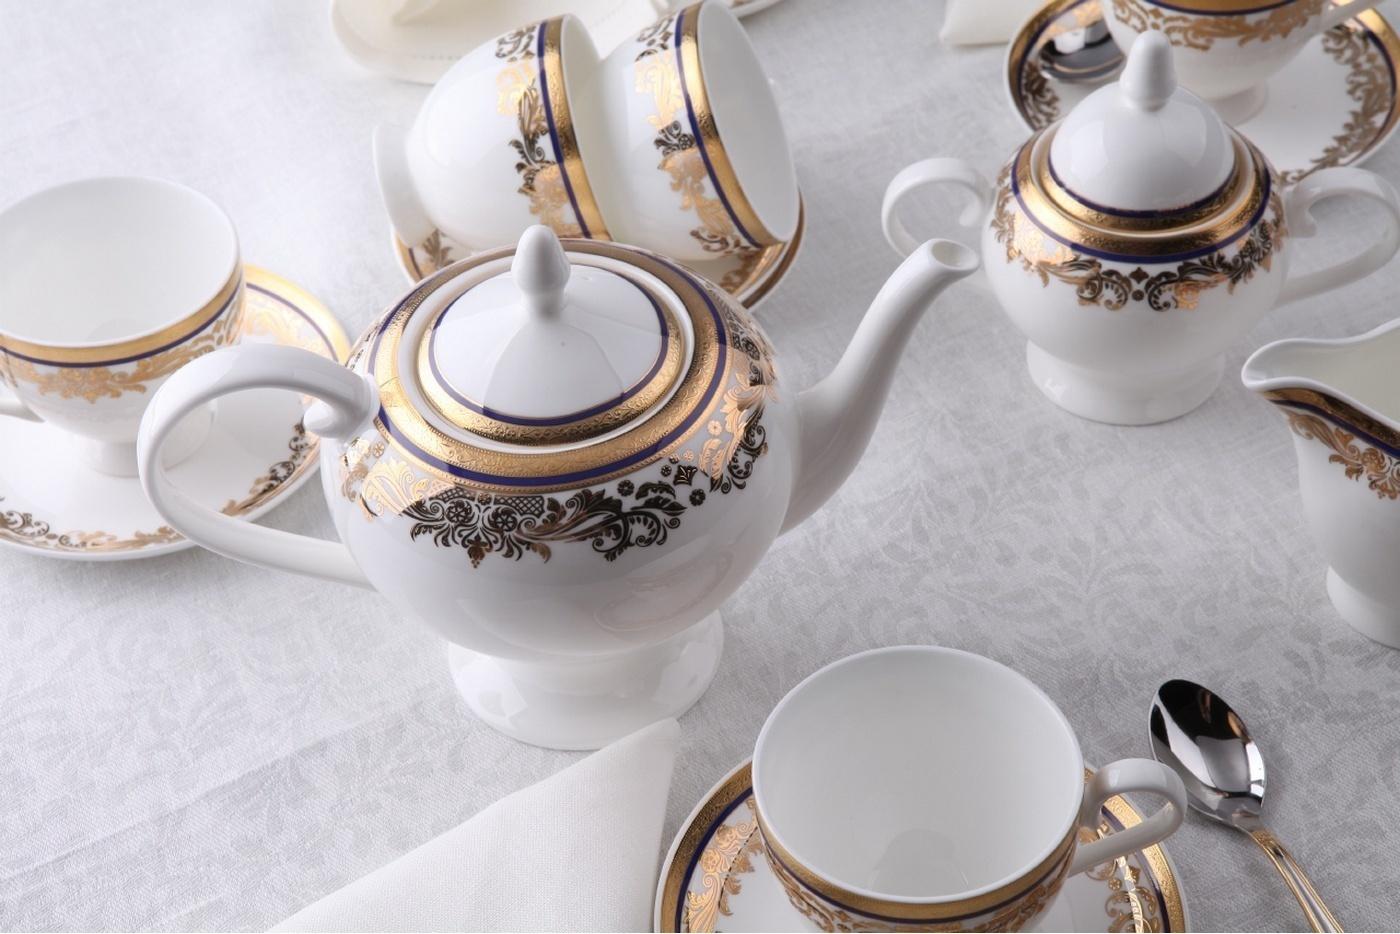 Чайный сервиз Royal Aurel Элит арт.121, 15 предметов